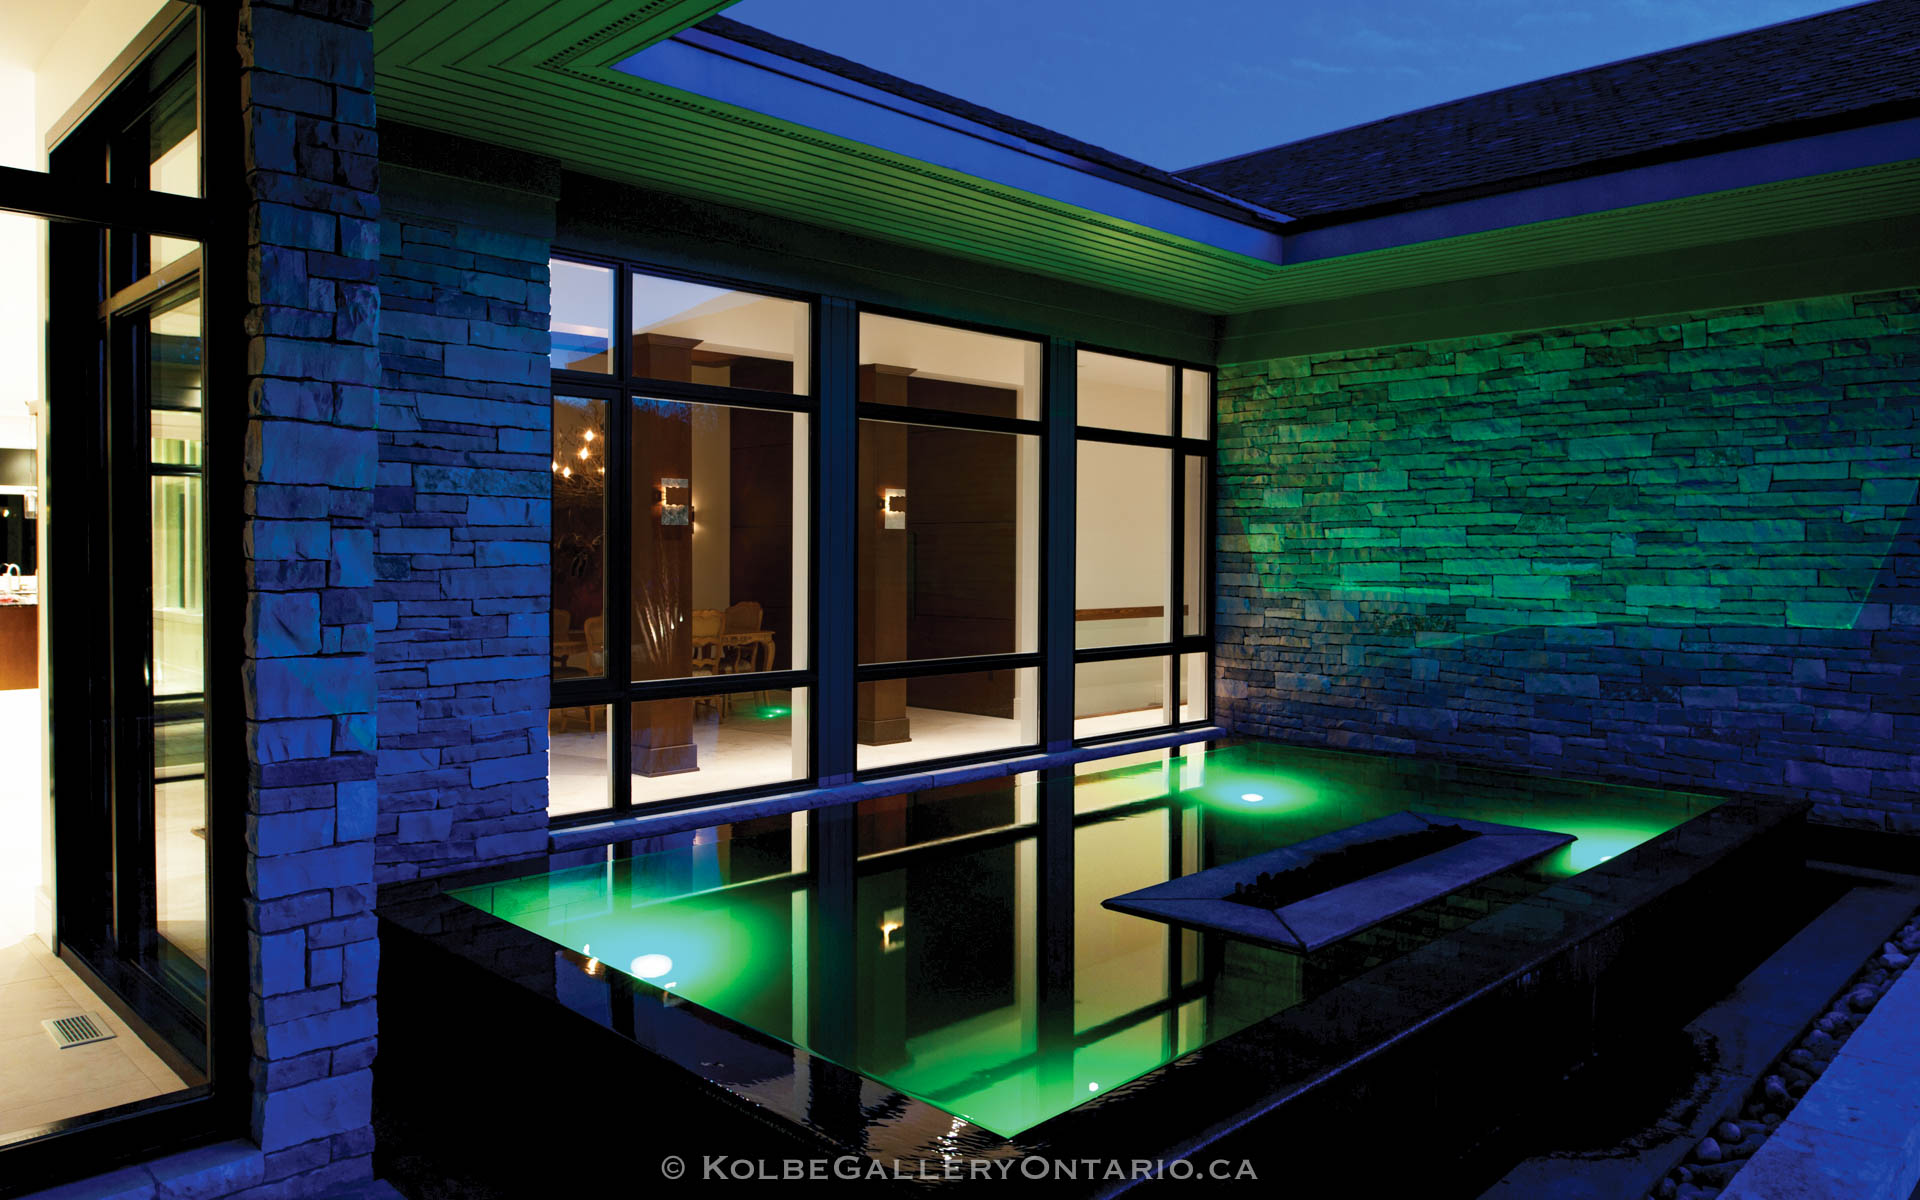 KolbeGalleryOntario.ca-windows-and-doors-backgrounds-20110602-212749